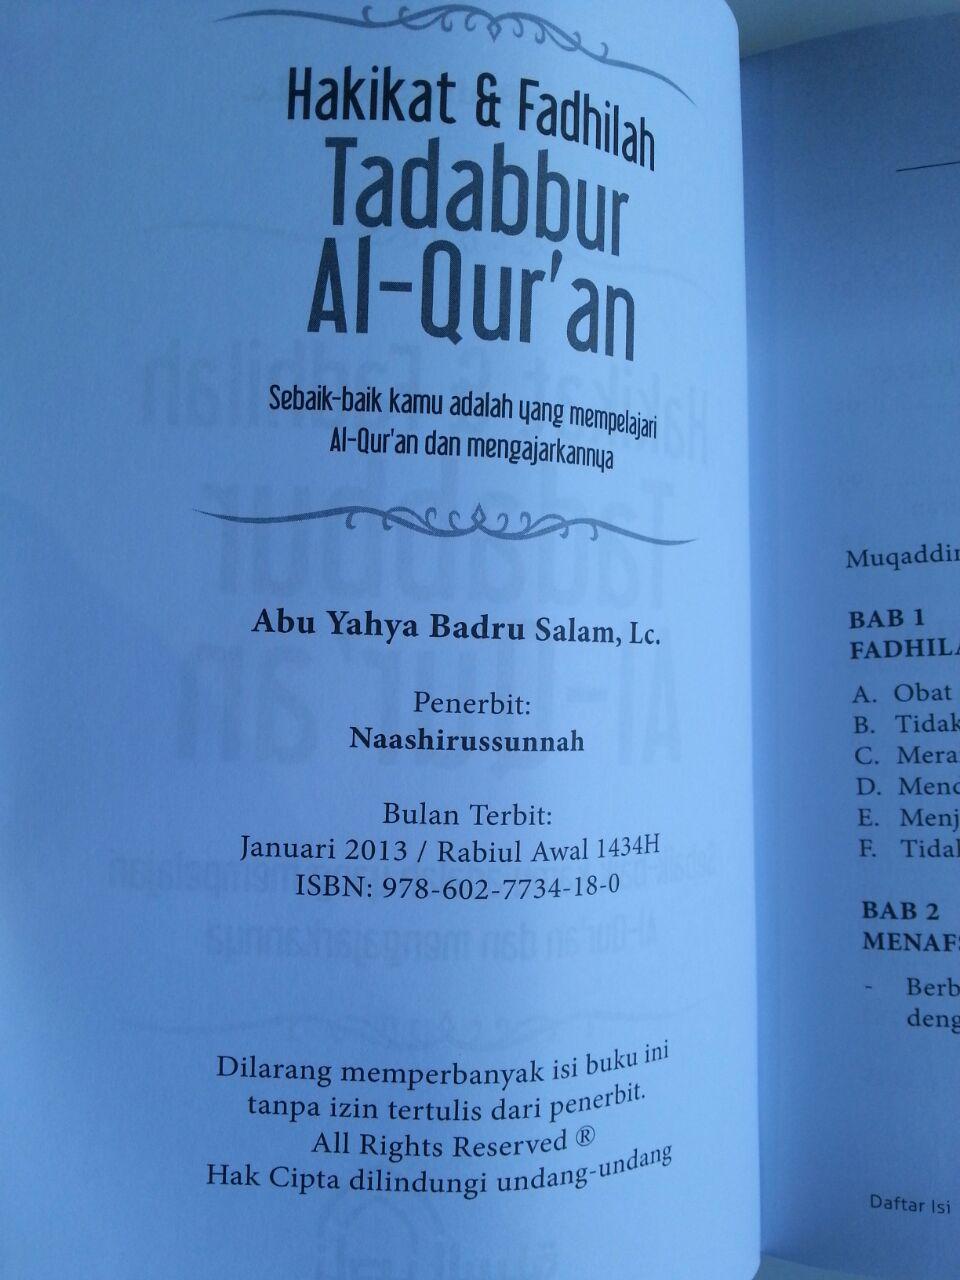 Buku Hakikat Dan Fadhilah Tadabbur Al-Qur'an isi